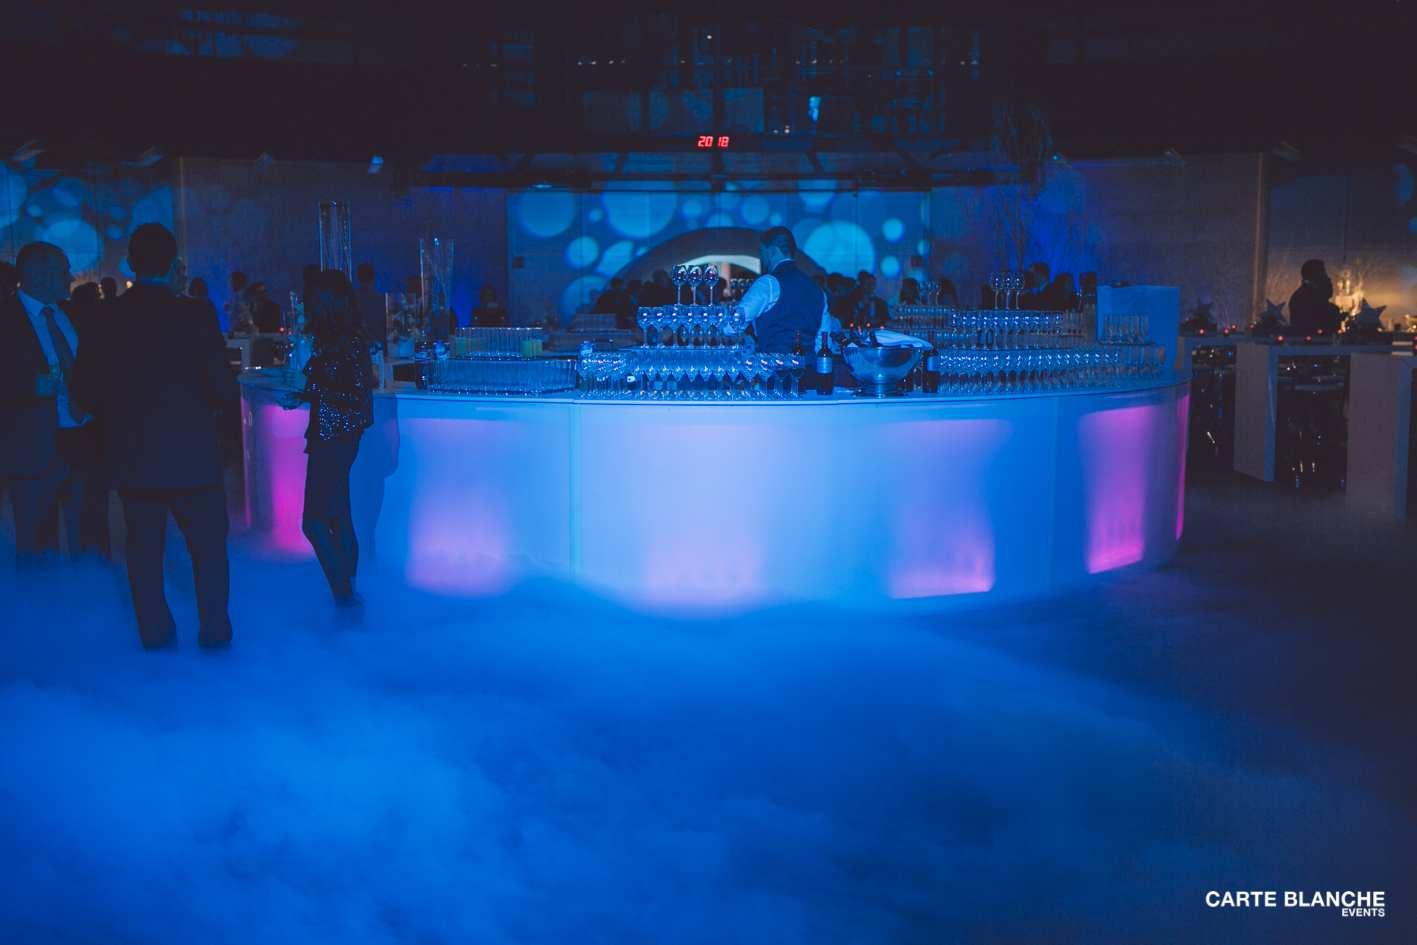 xmas-party-ferrero-2013-project-noël-fête-luxembourg